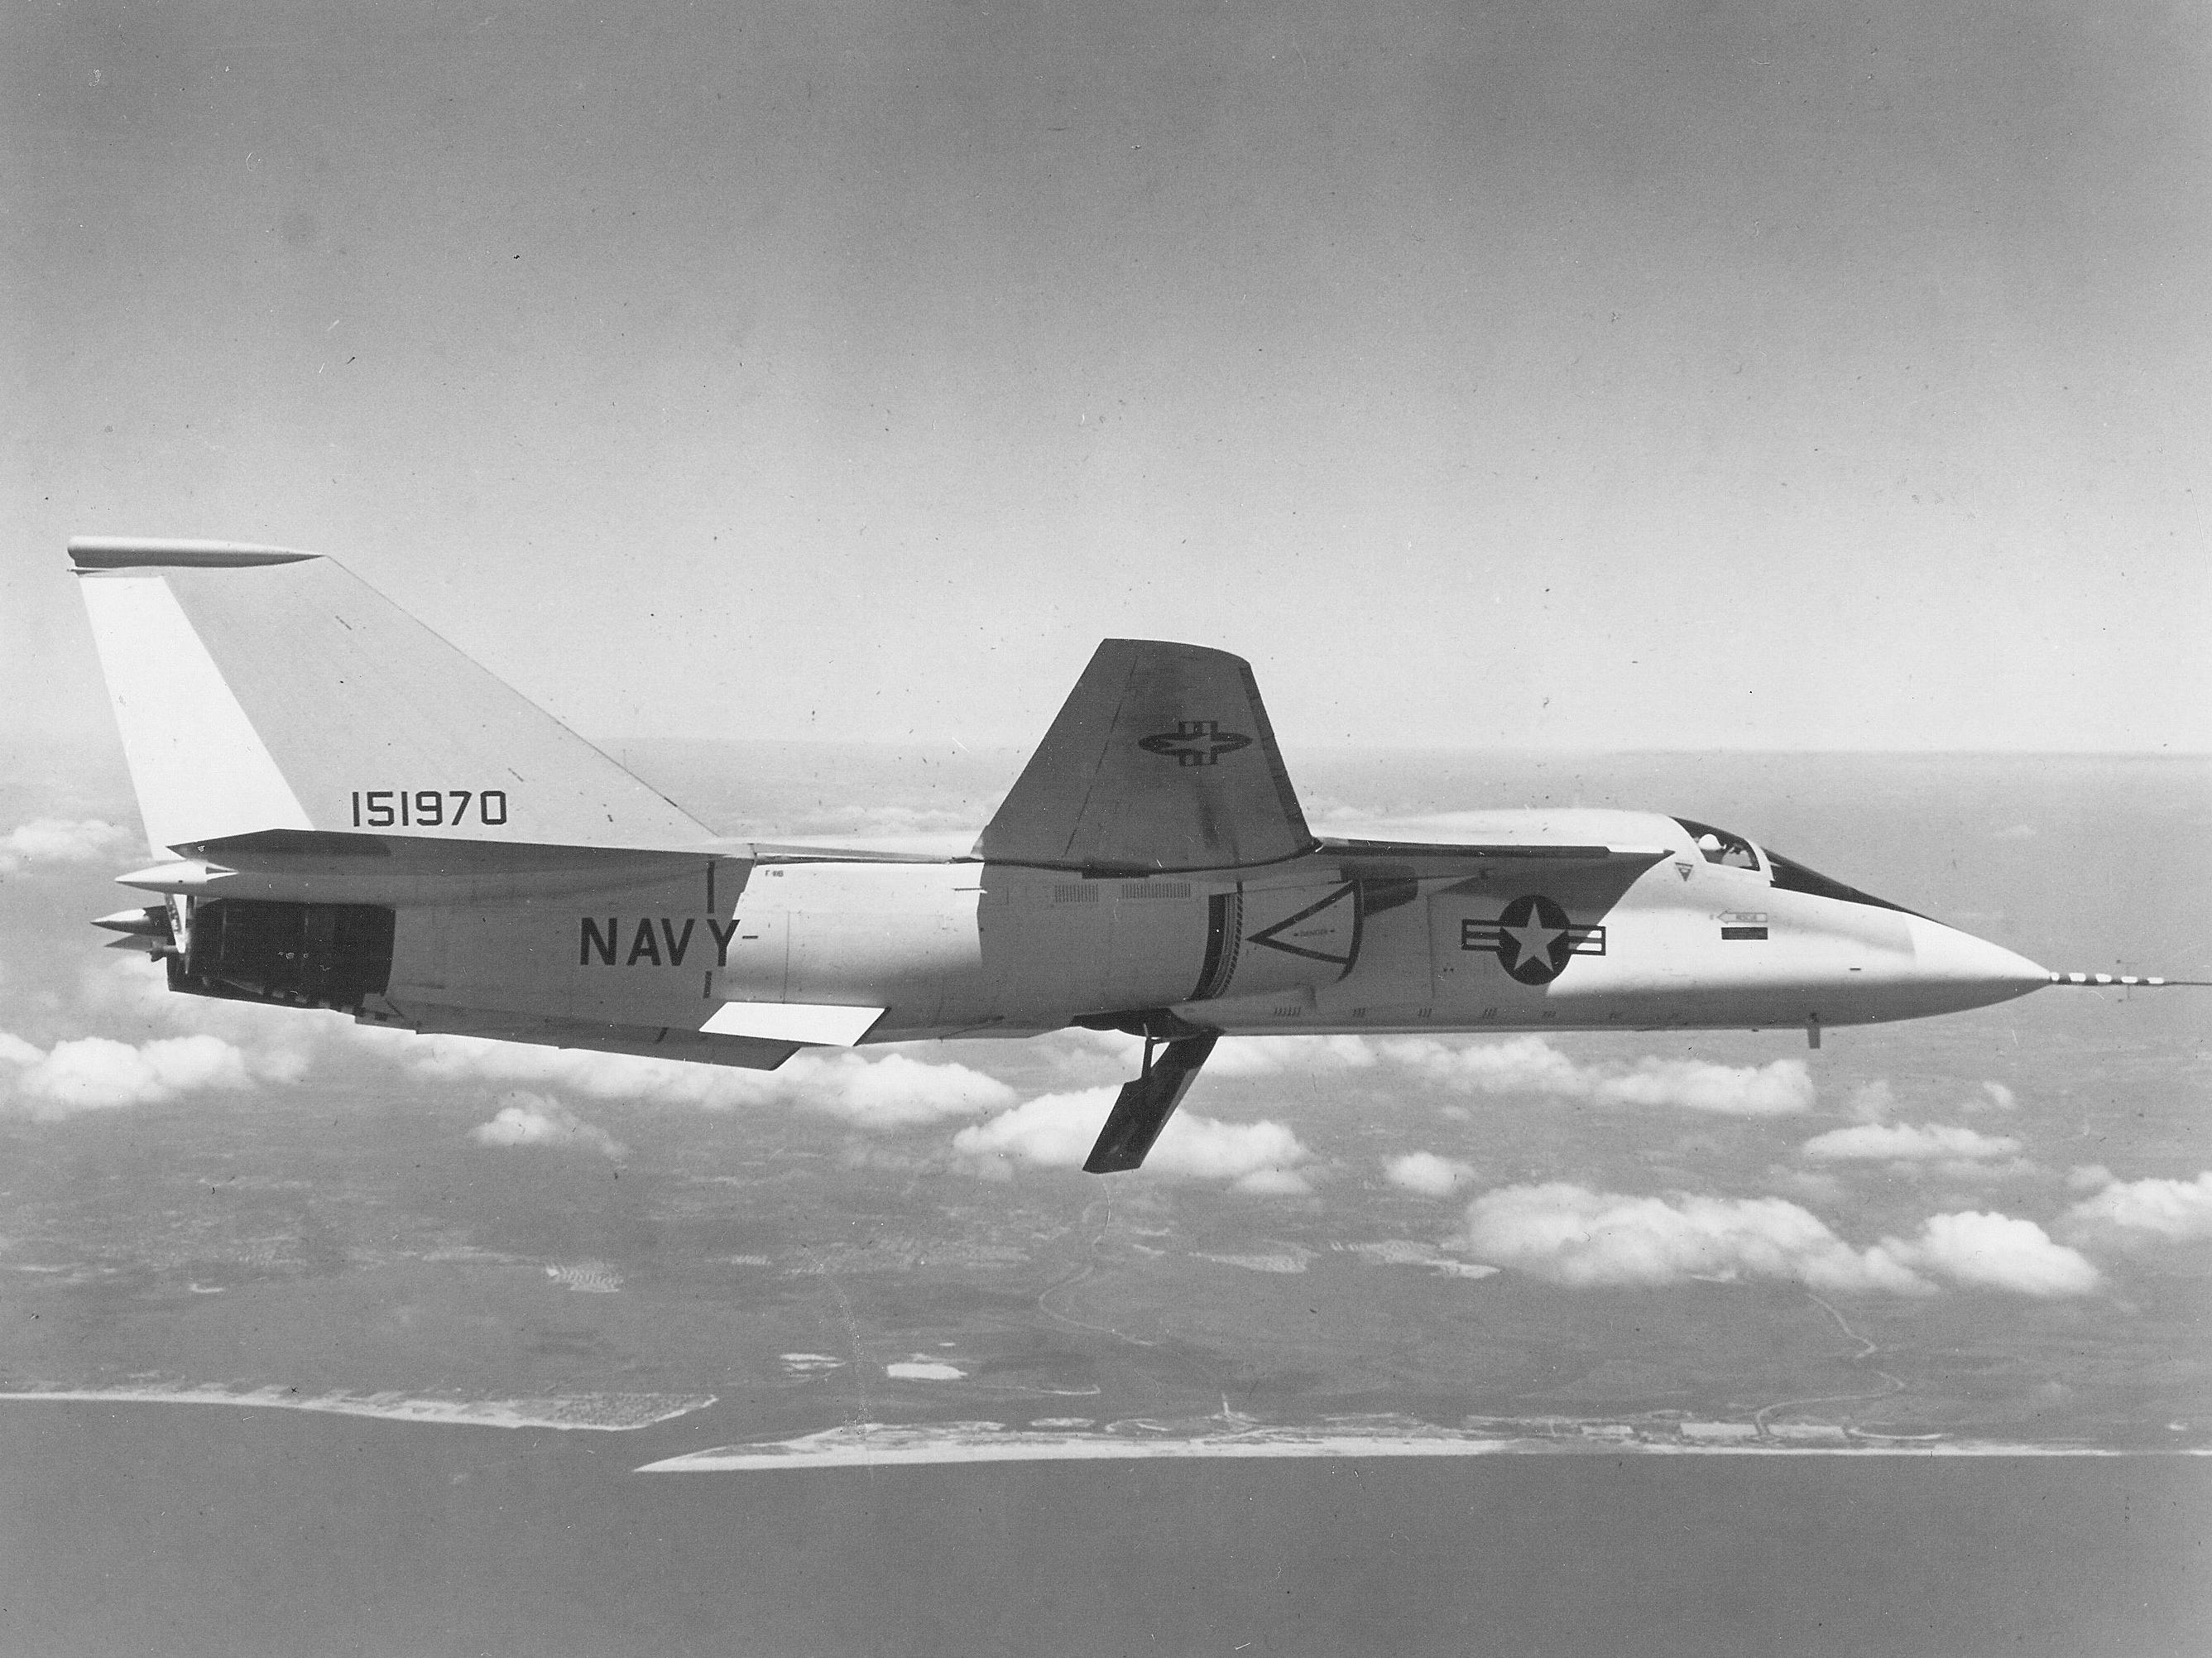 File:F-111B prototype in flight c1965.jpg - Wikimedia Commons